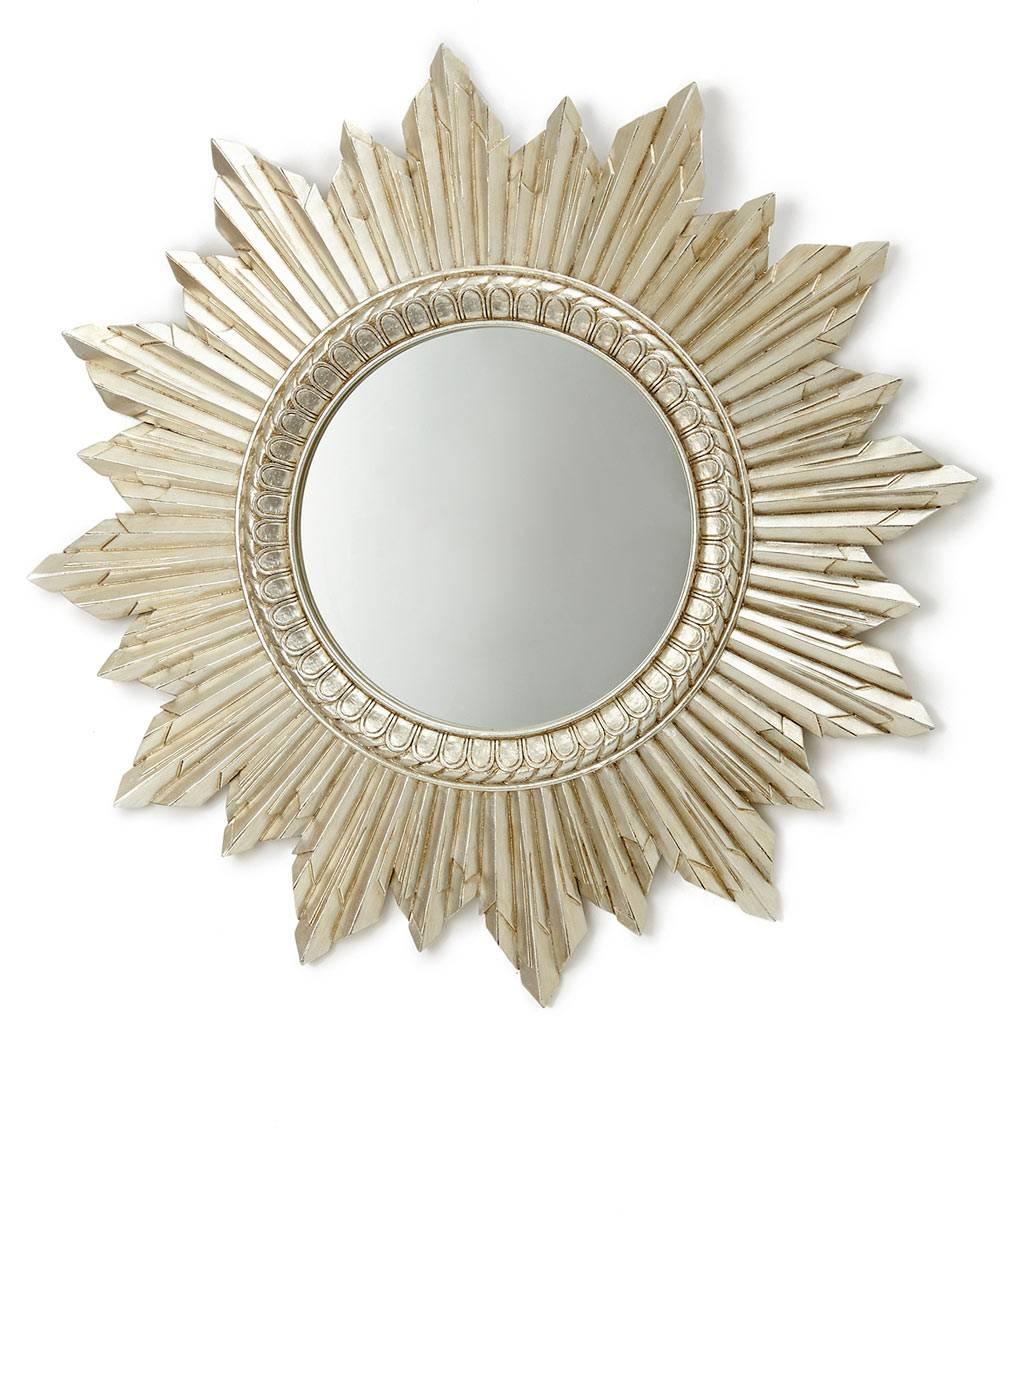 Make A Vintage Starburst Mirror — Interior Home Design Within Bronze Starburst Mirrors (View 18 of 25)